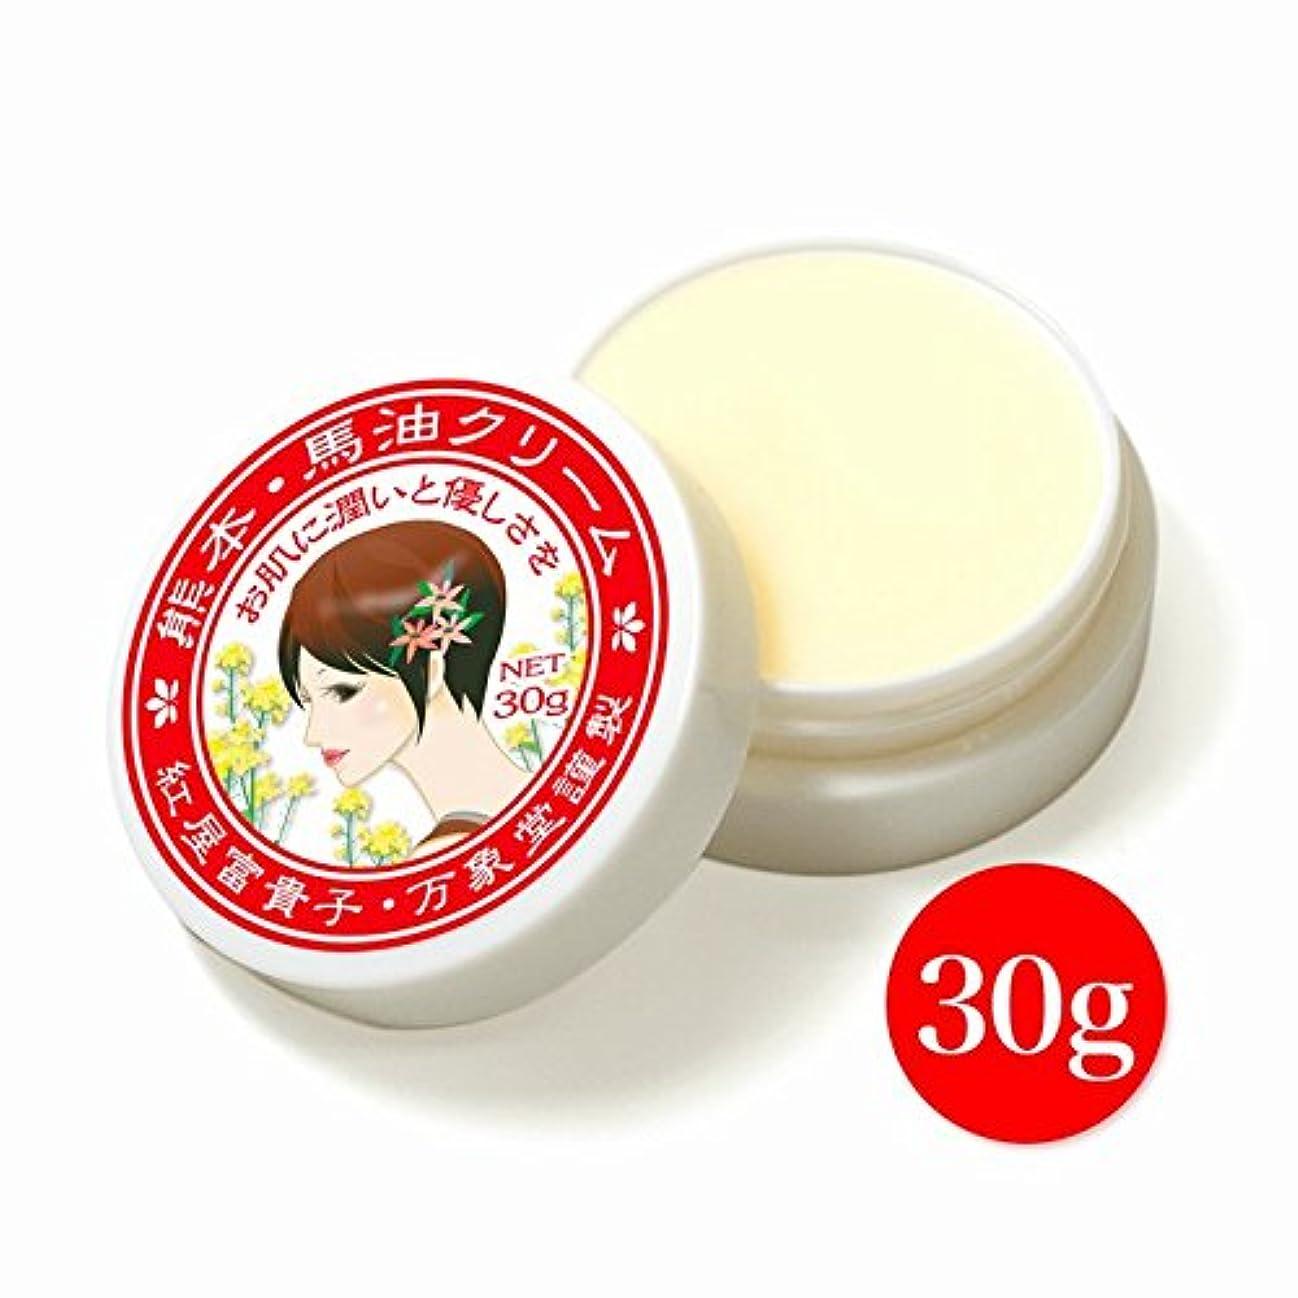 森羅万象堂 馬油クリーム 30g (ラベンダーの香り)精油 アロマ 国産 保湿 スキンクリーム